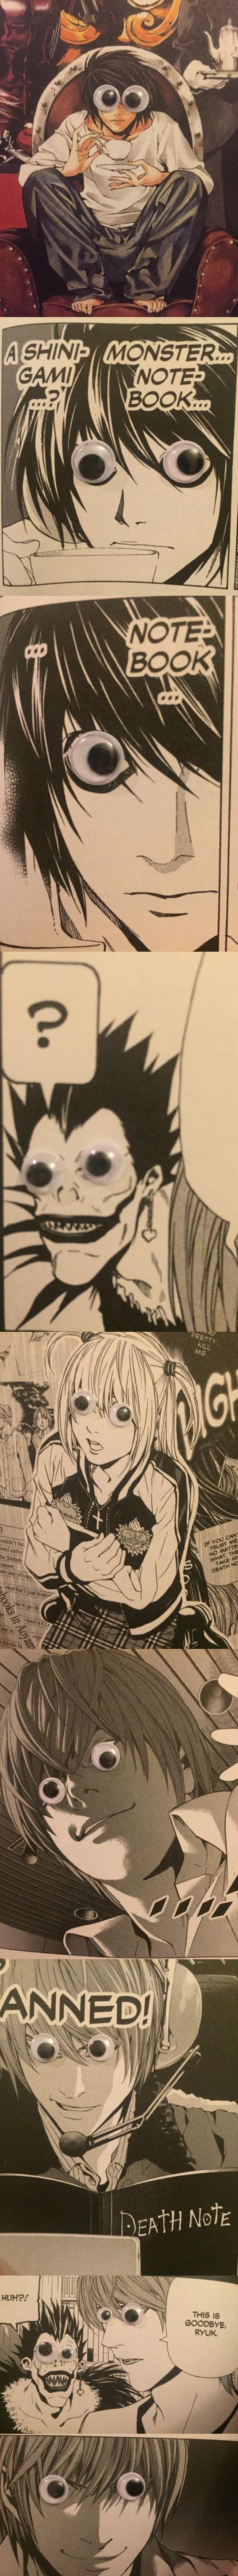 Otros - Todo hubiera sido mucho más interesante en Death Note si...